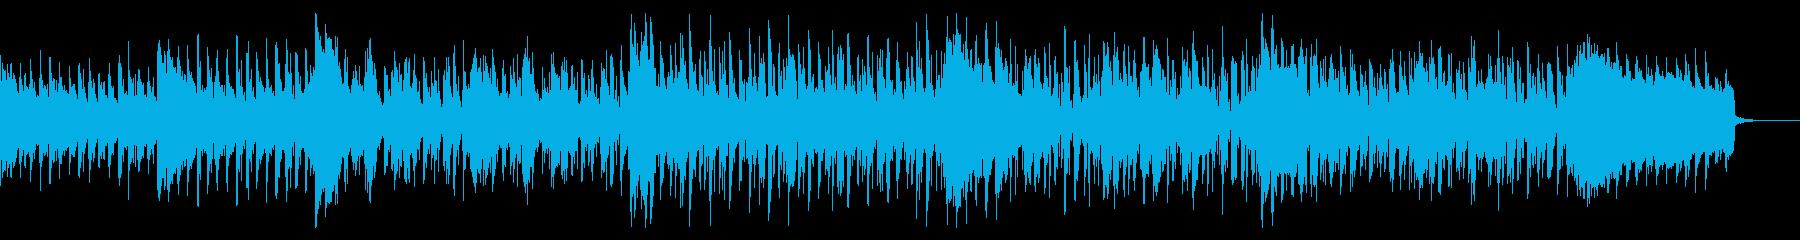 サスペンシブでダークなBGMの再生済みの波形